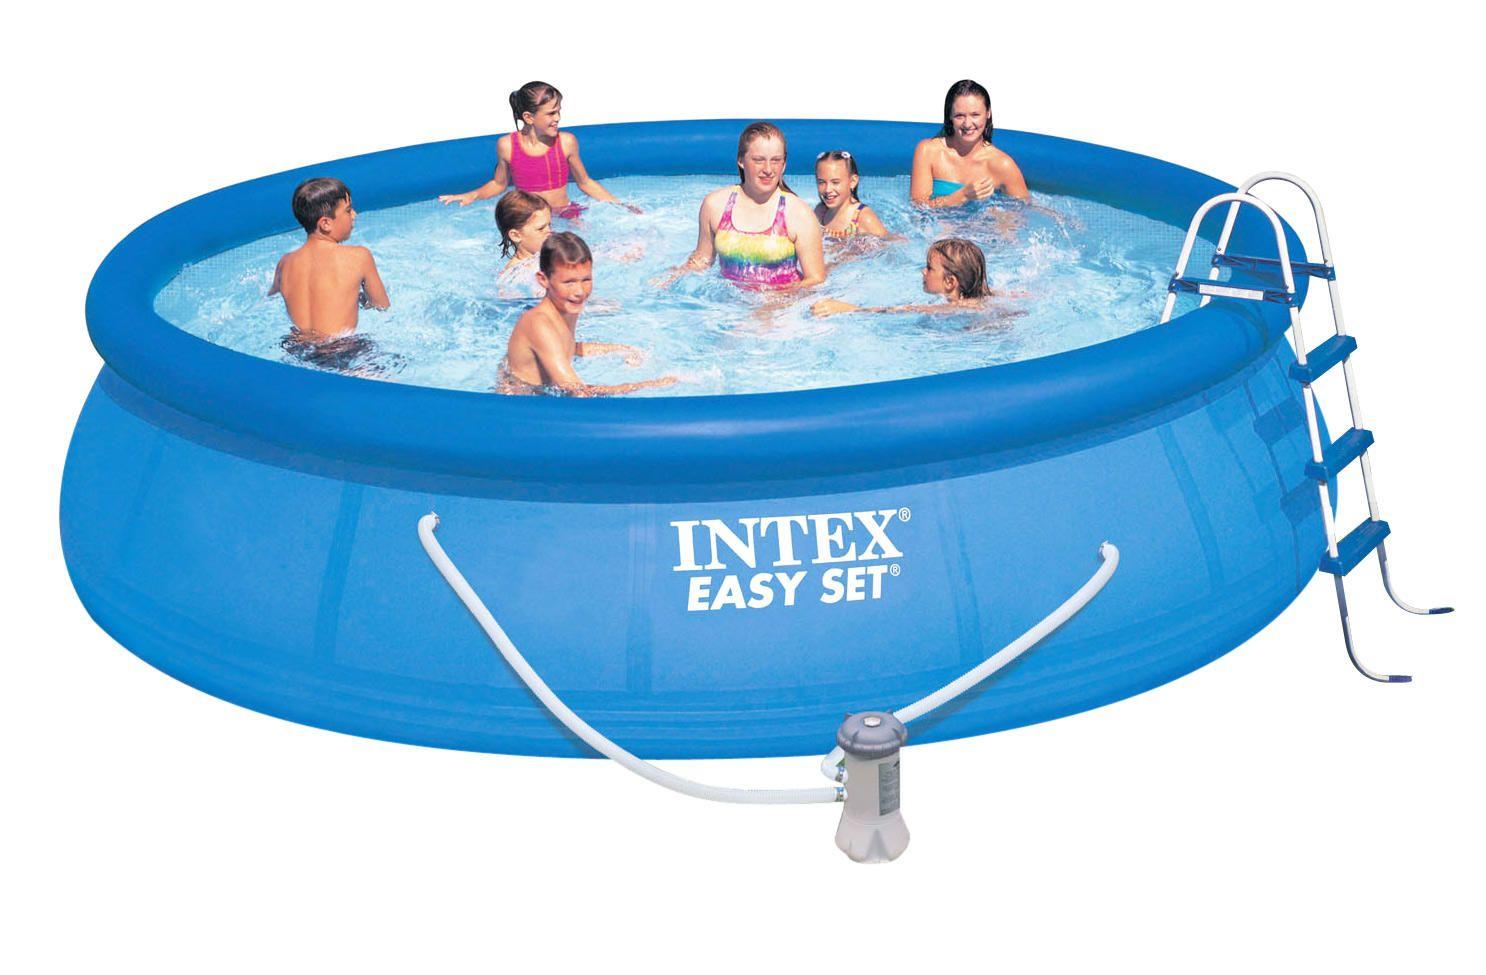 Надувной бассейн Intex Easy Set 28166/54908 457х107 см + фильтр-насос, картриджный фильтр, лестница, подстилка, покрывало